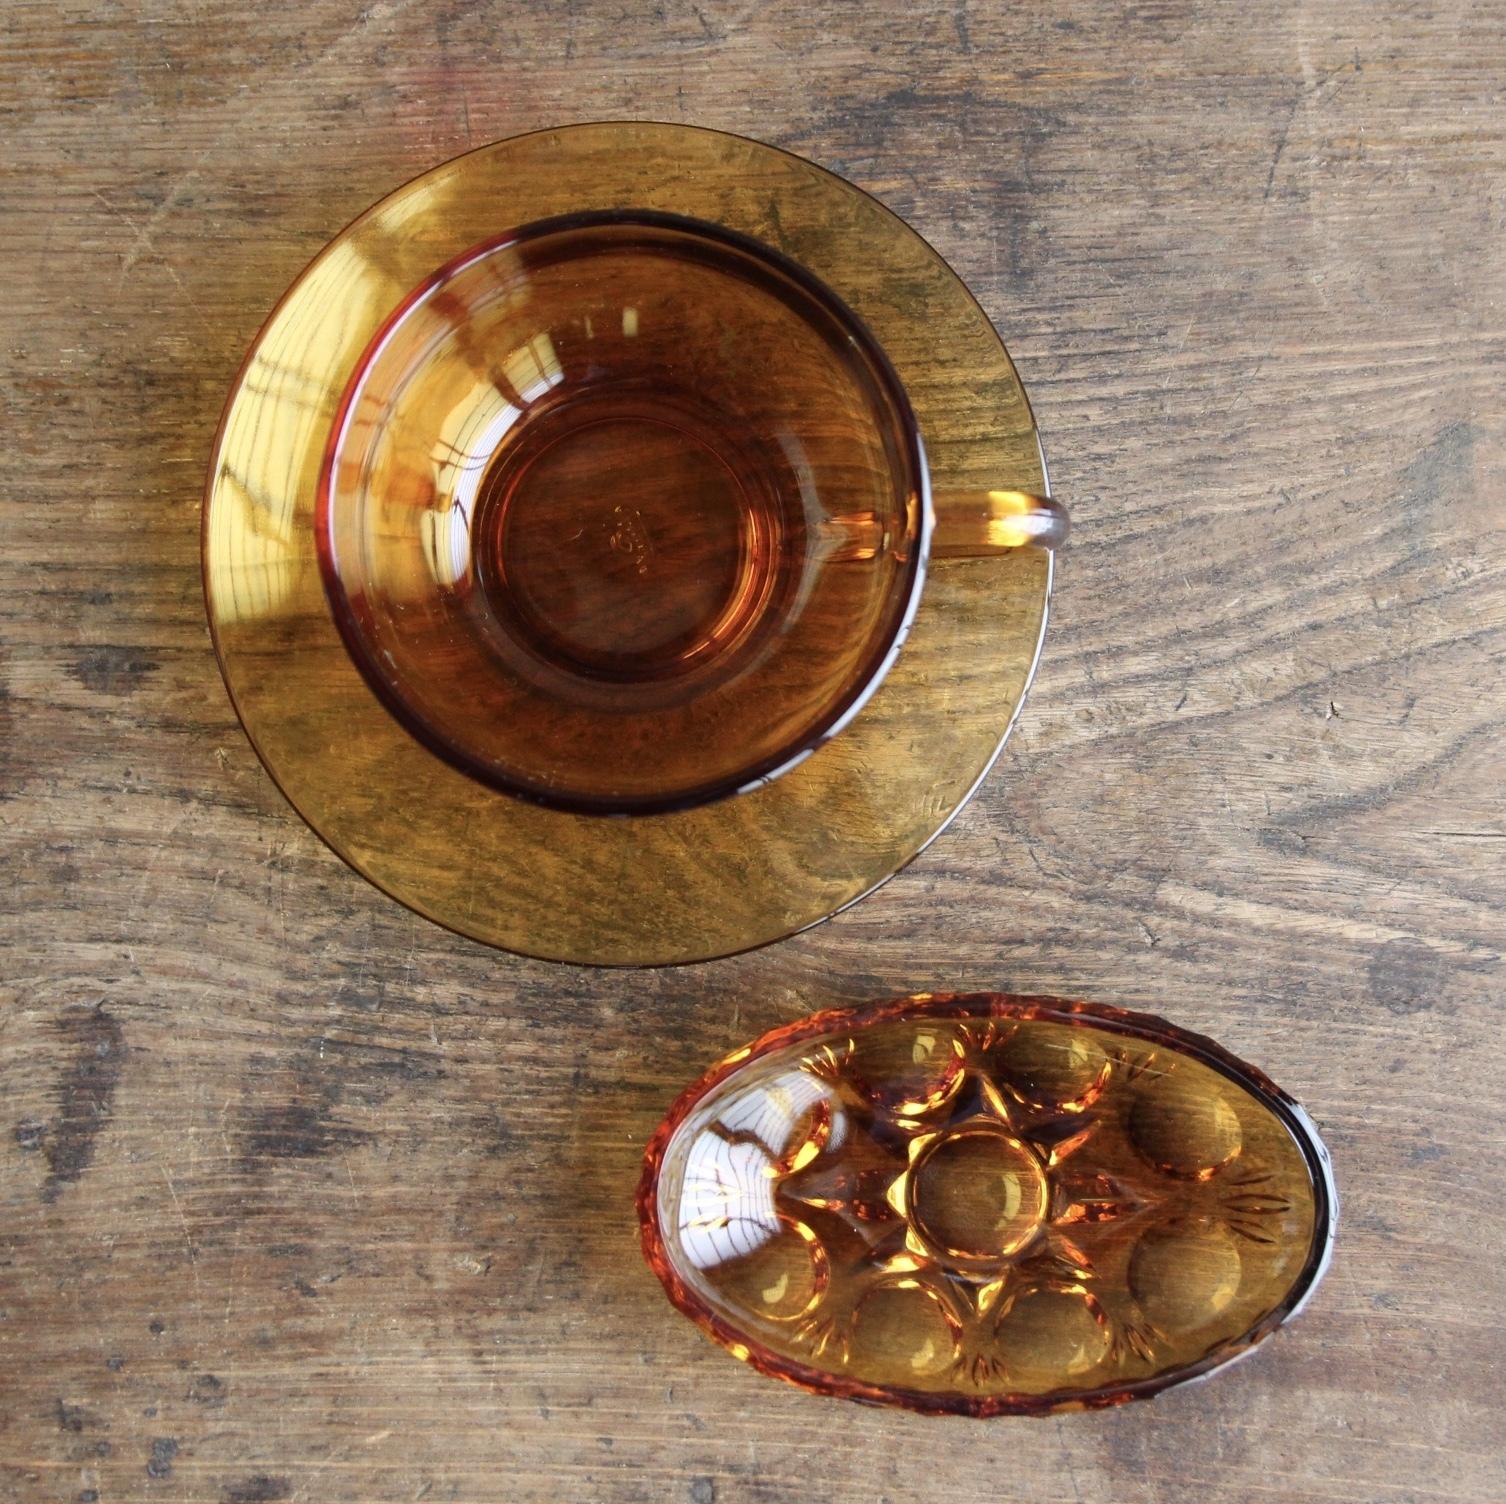 アデリア アンバーカップアンドソーサーと小皿 在庫3セット